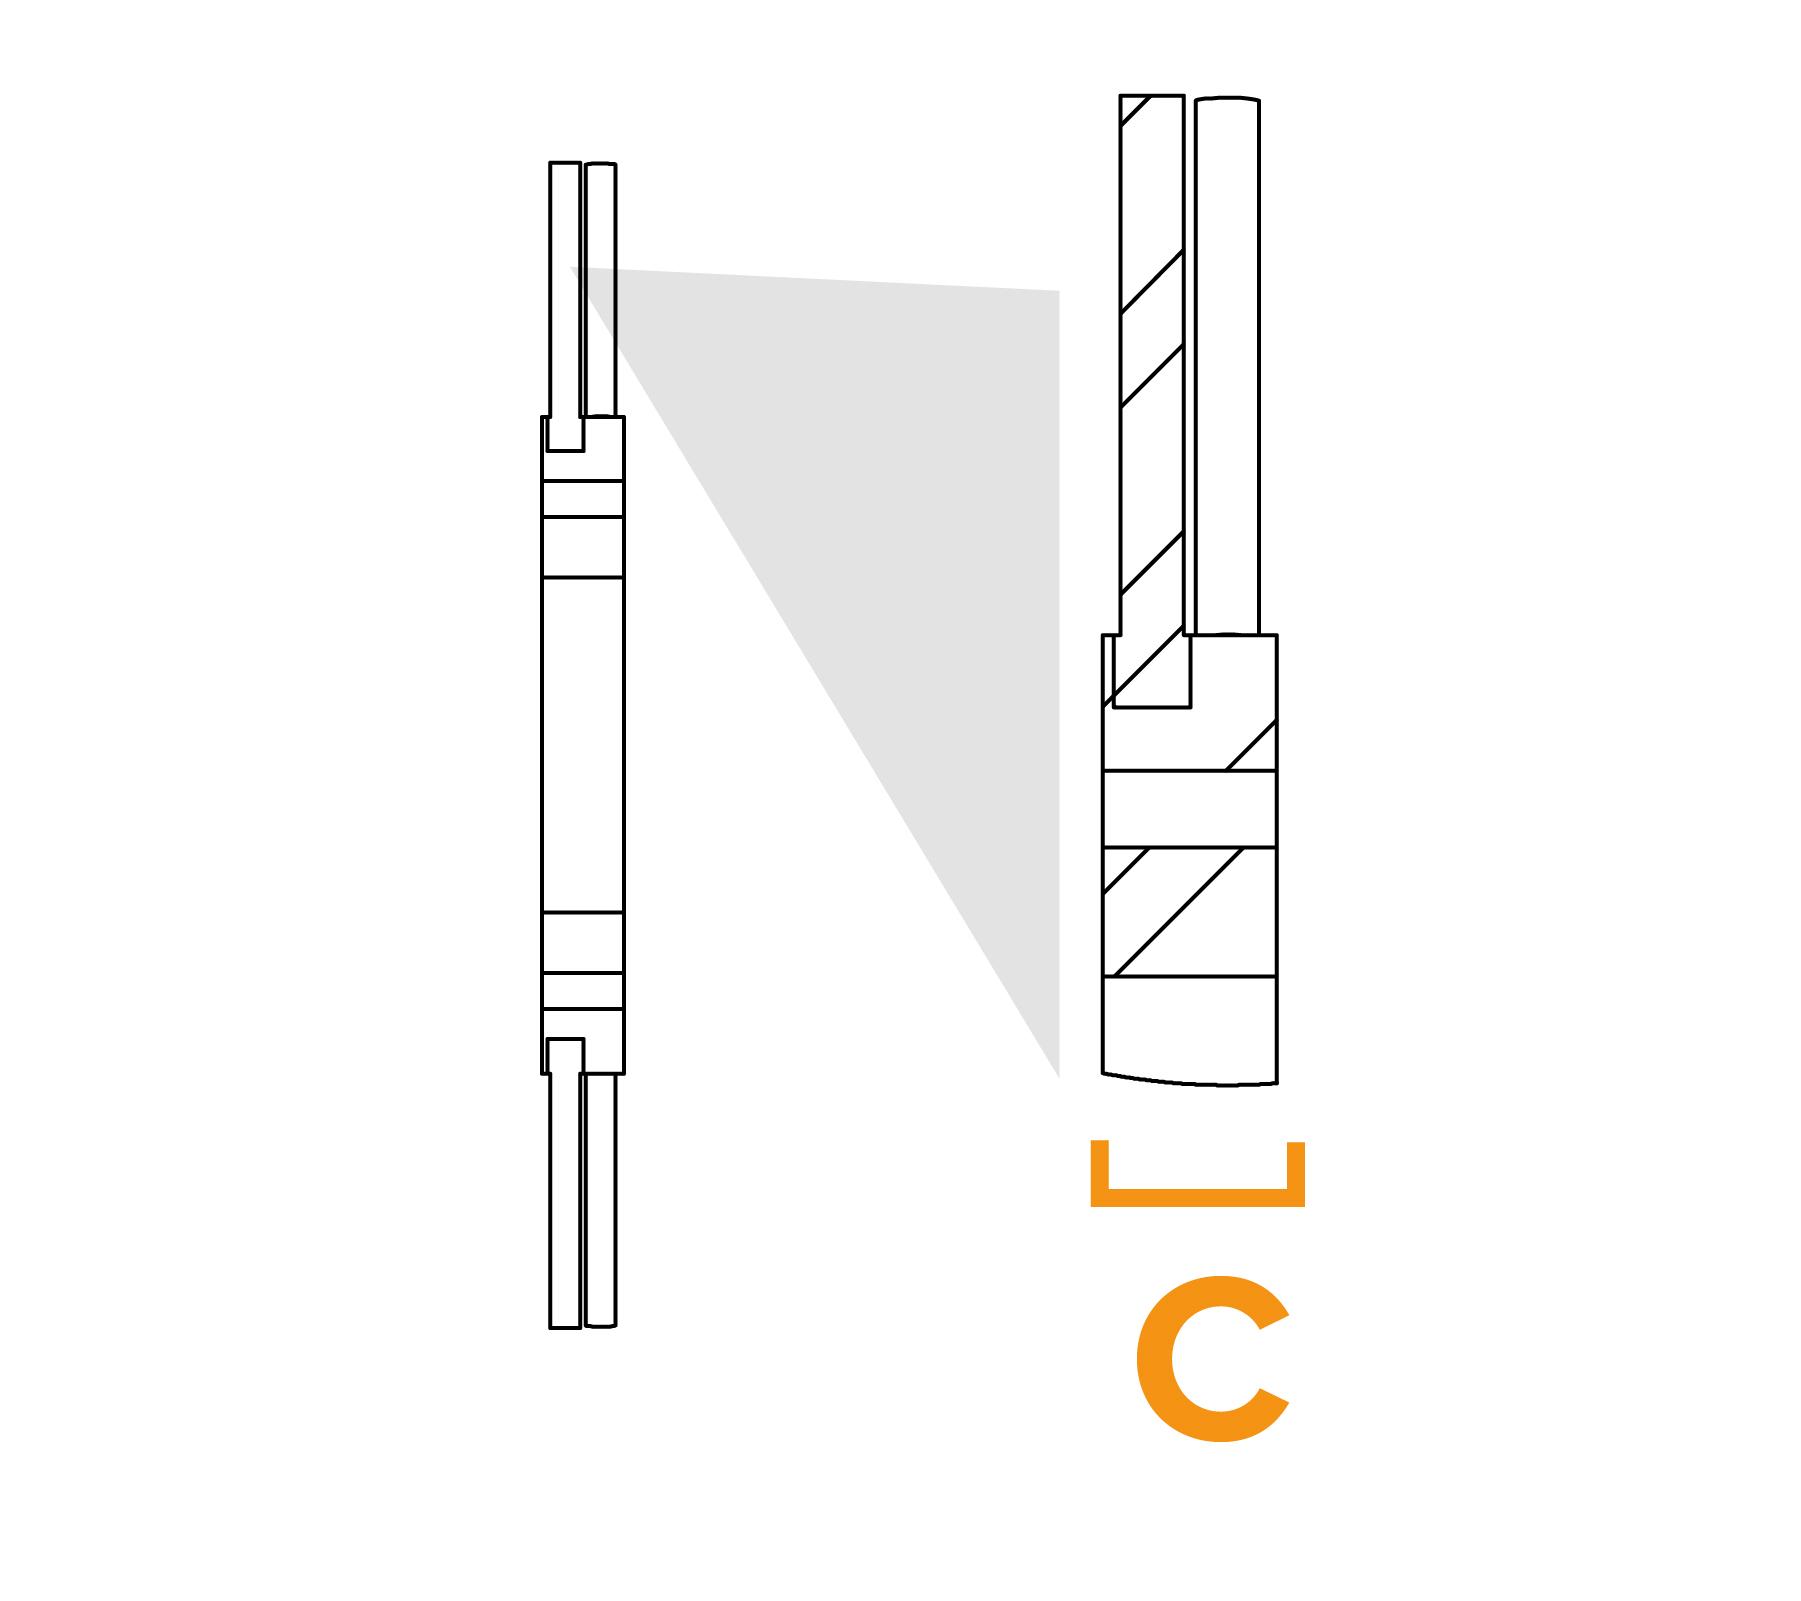 Potloodborstel met vaste kern - diagram C